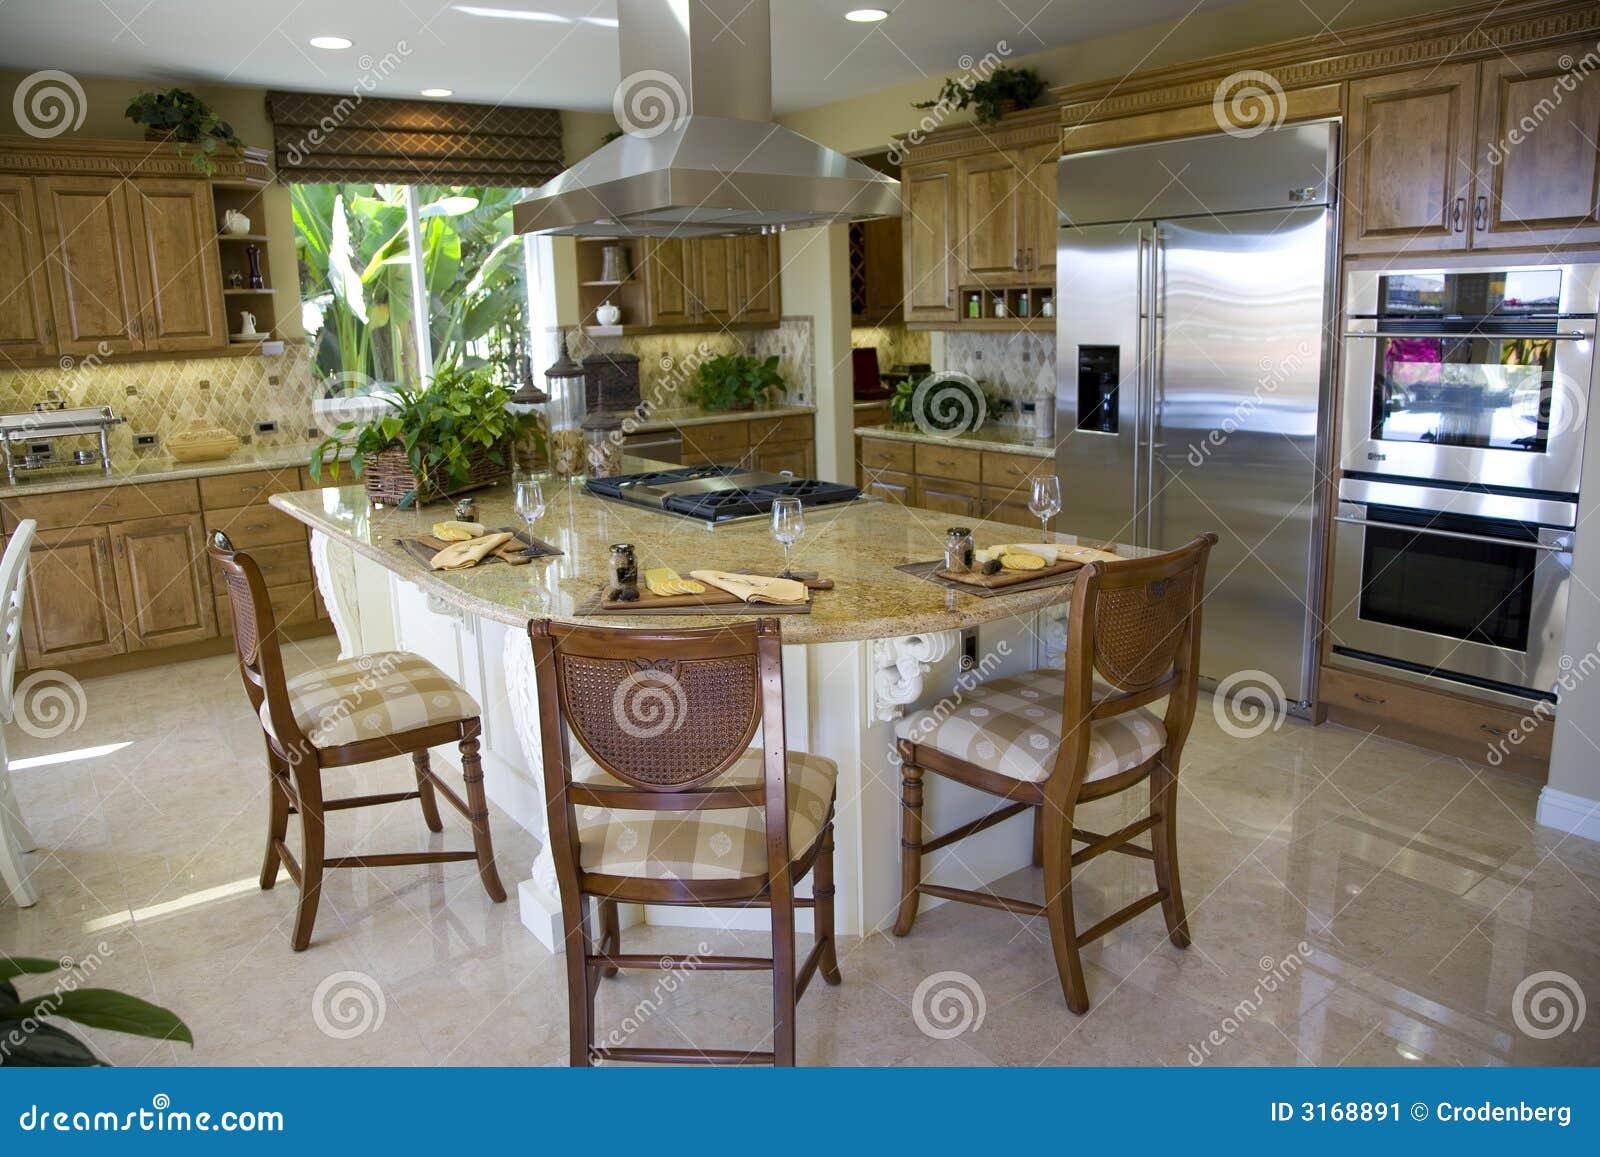 Keuken met groot eiland